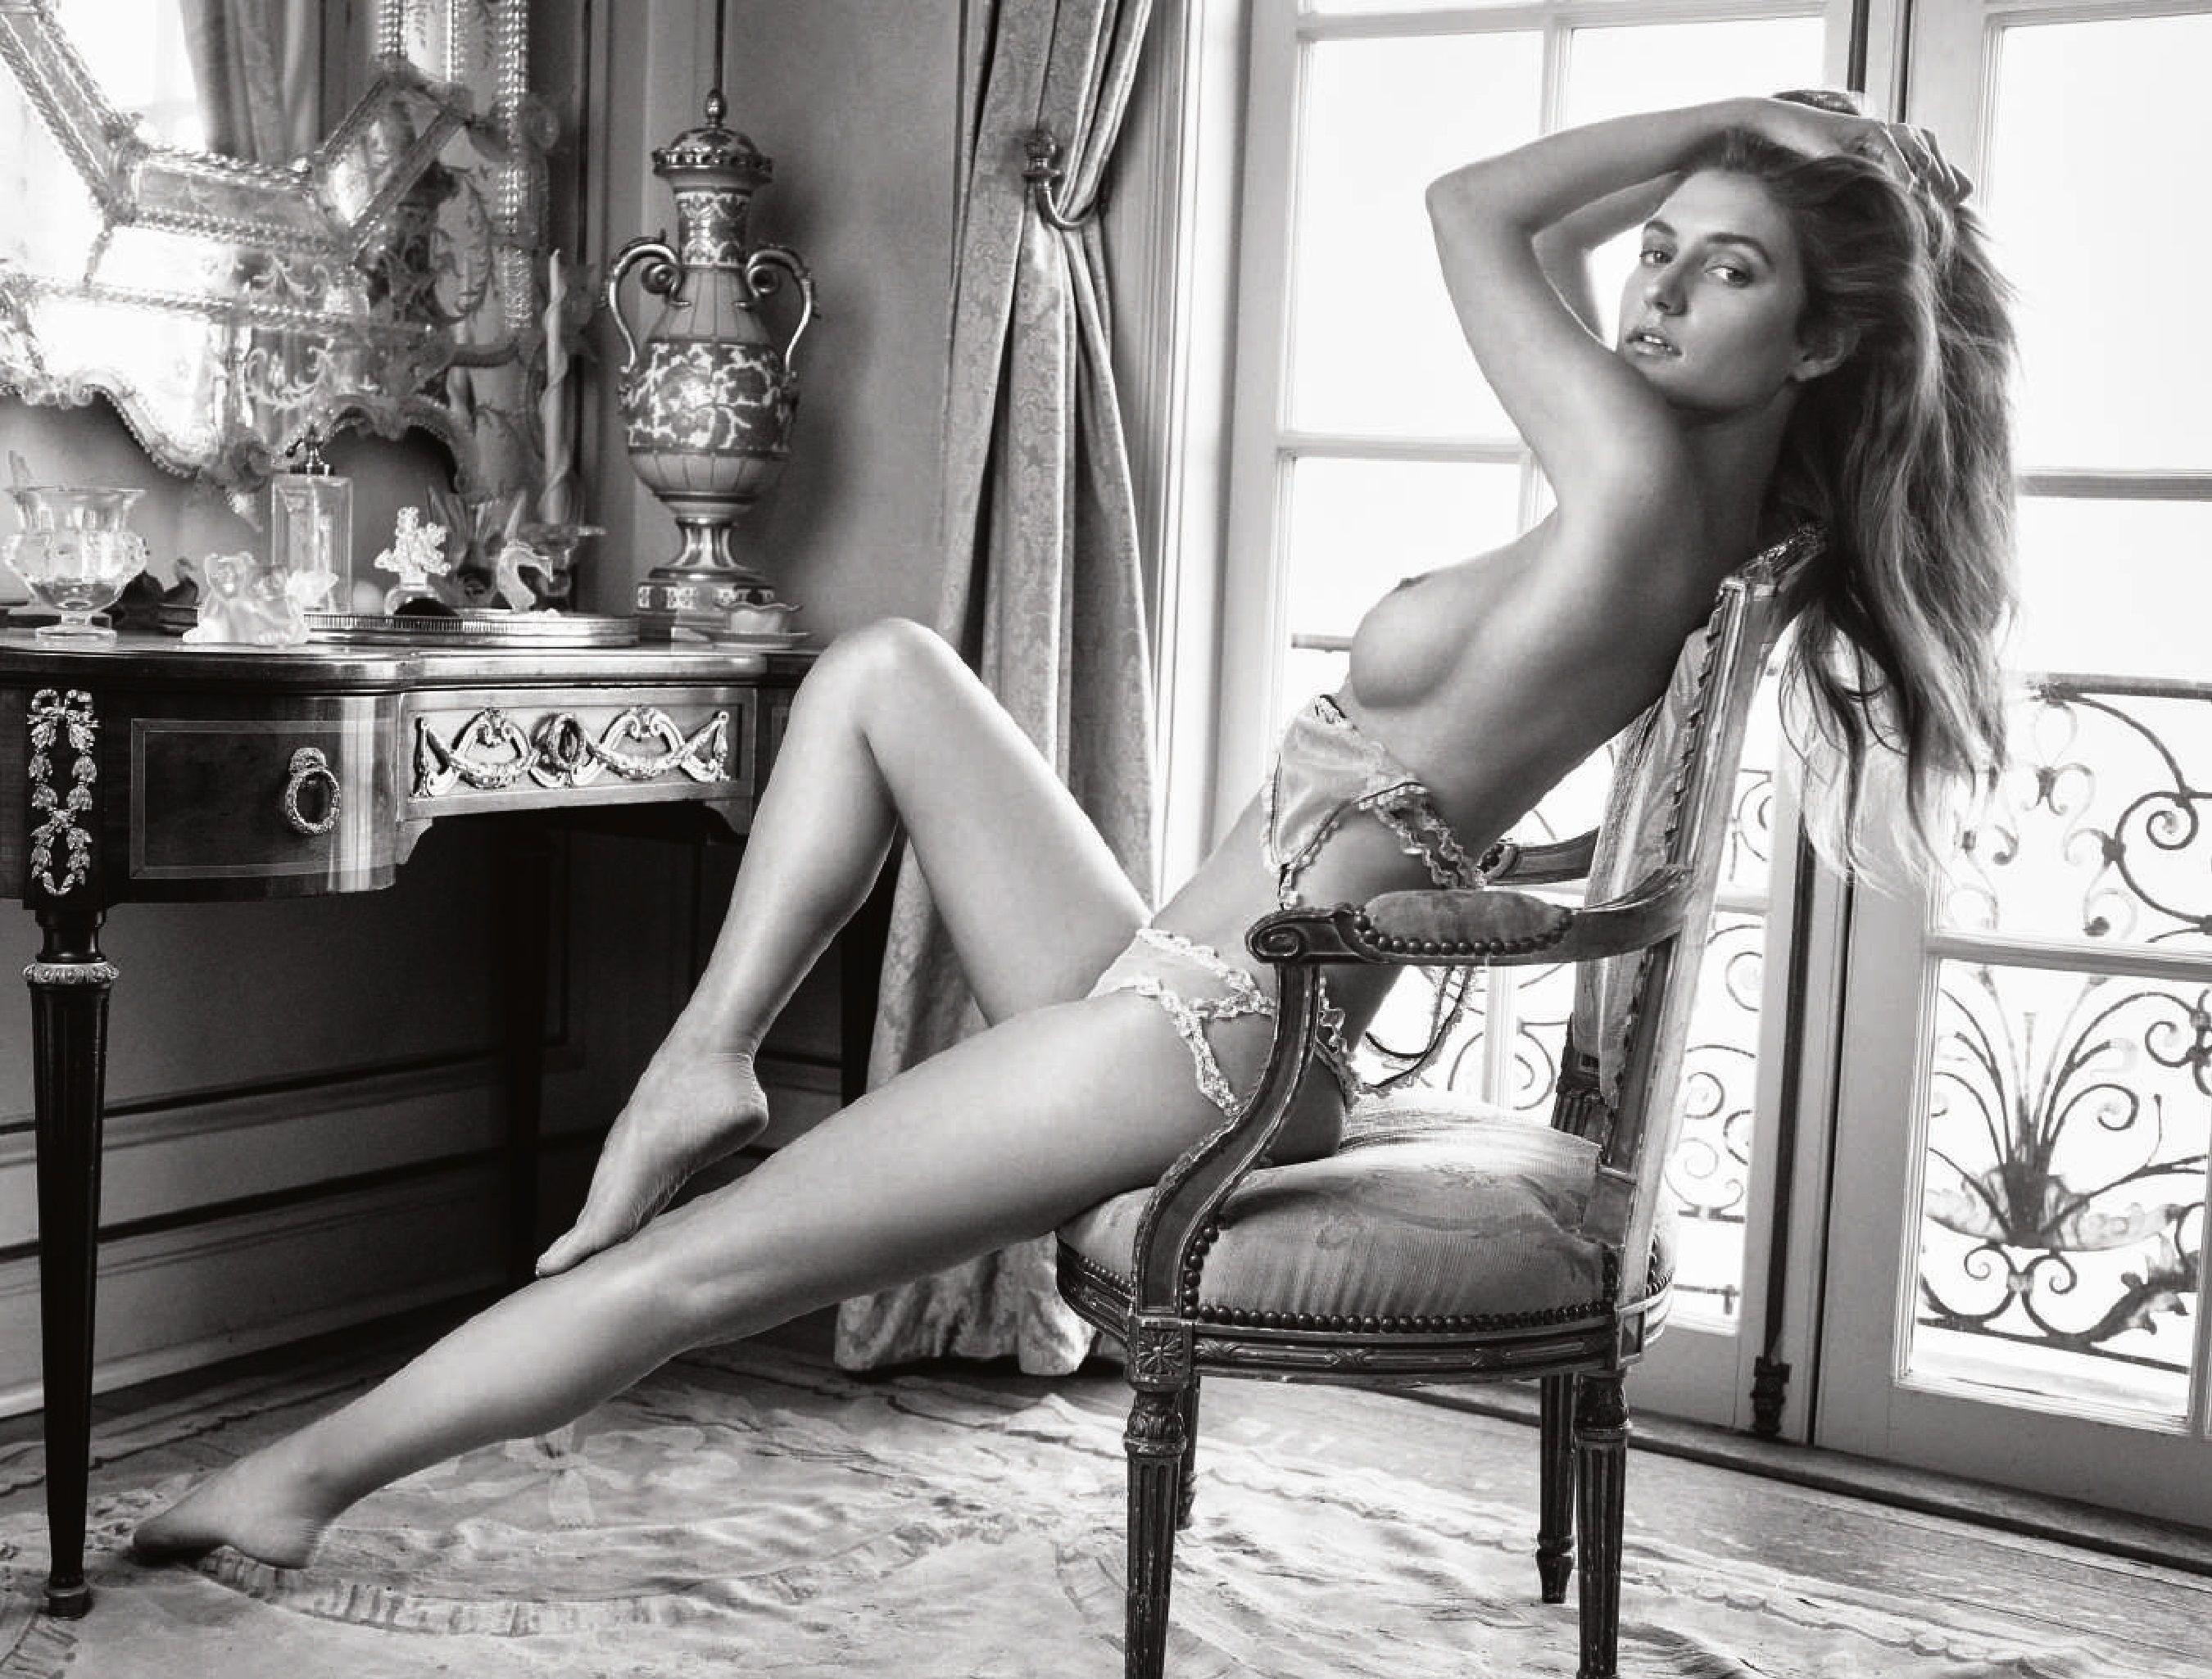 Elizabeth Elam Nude and Sexy nudes (55 photos), Selfie Celebrity fotos